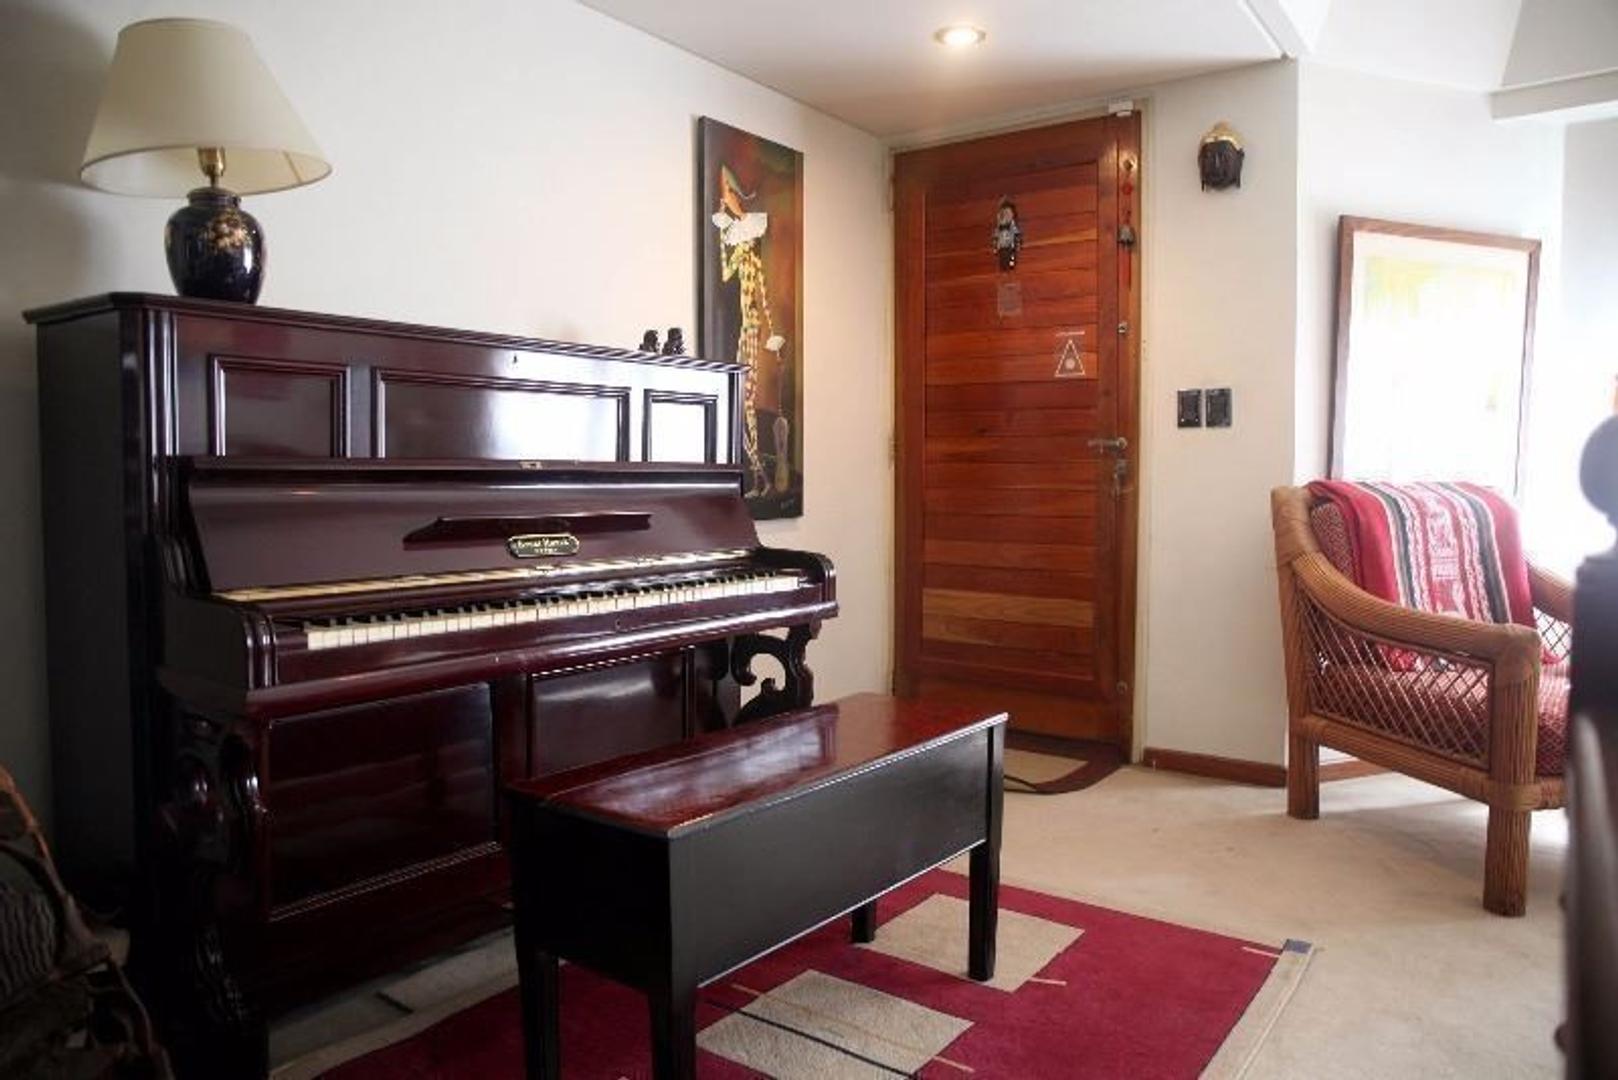 Casa - 298 m² | 4 dormitorios | 25 años